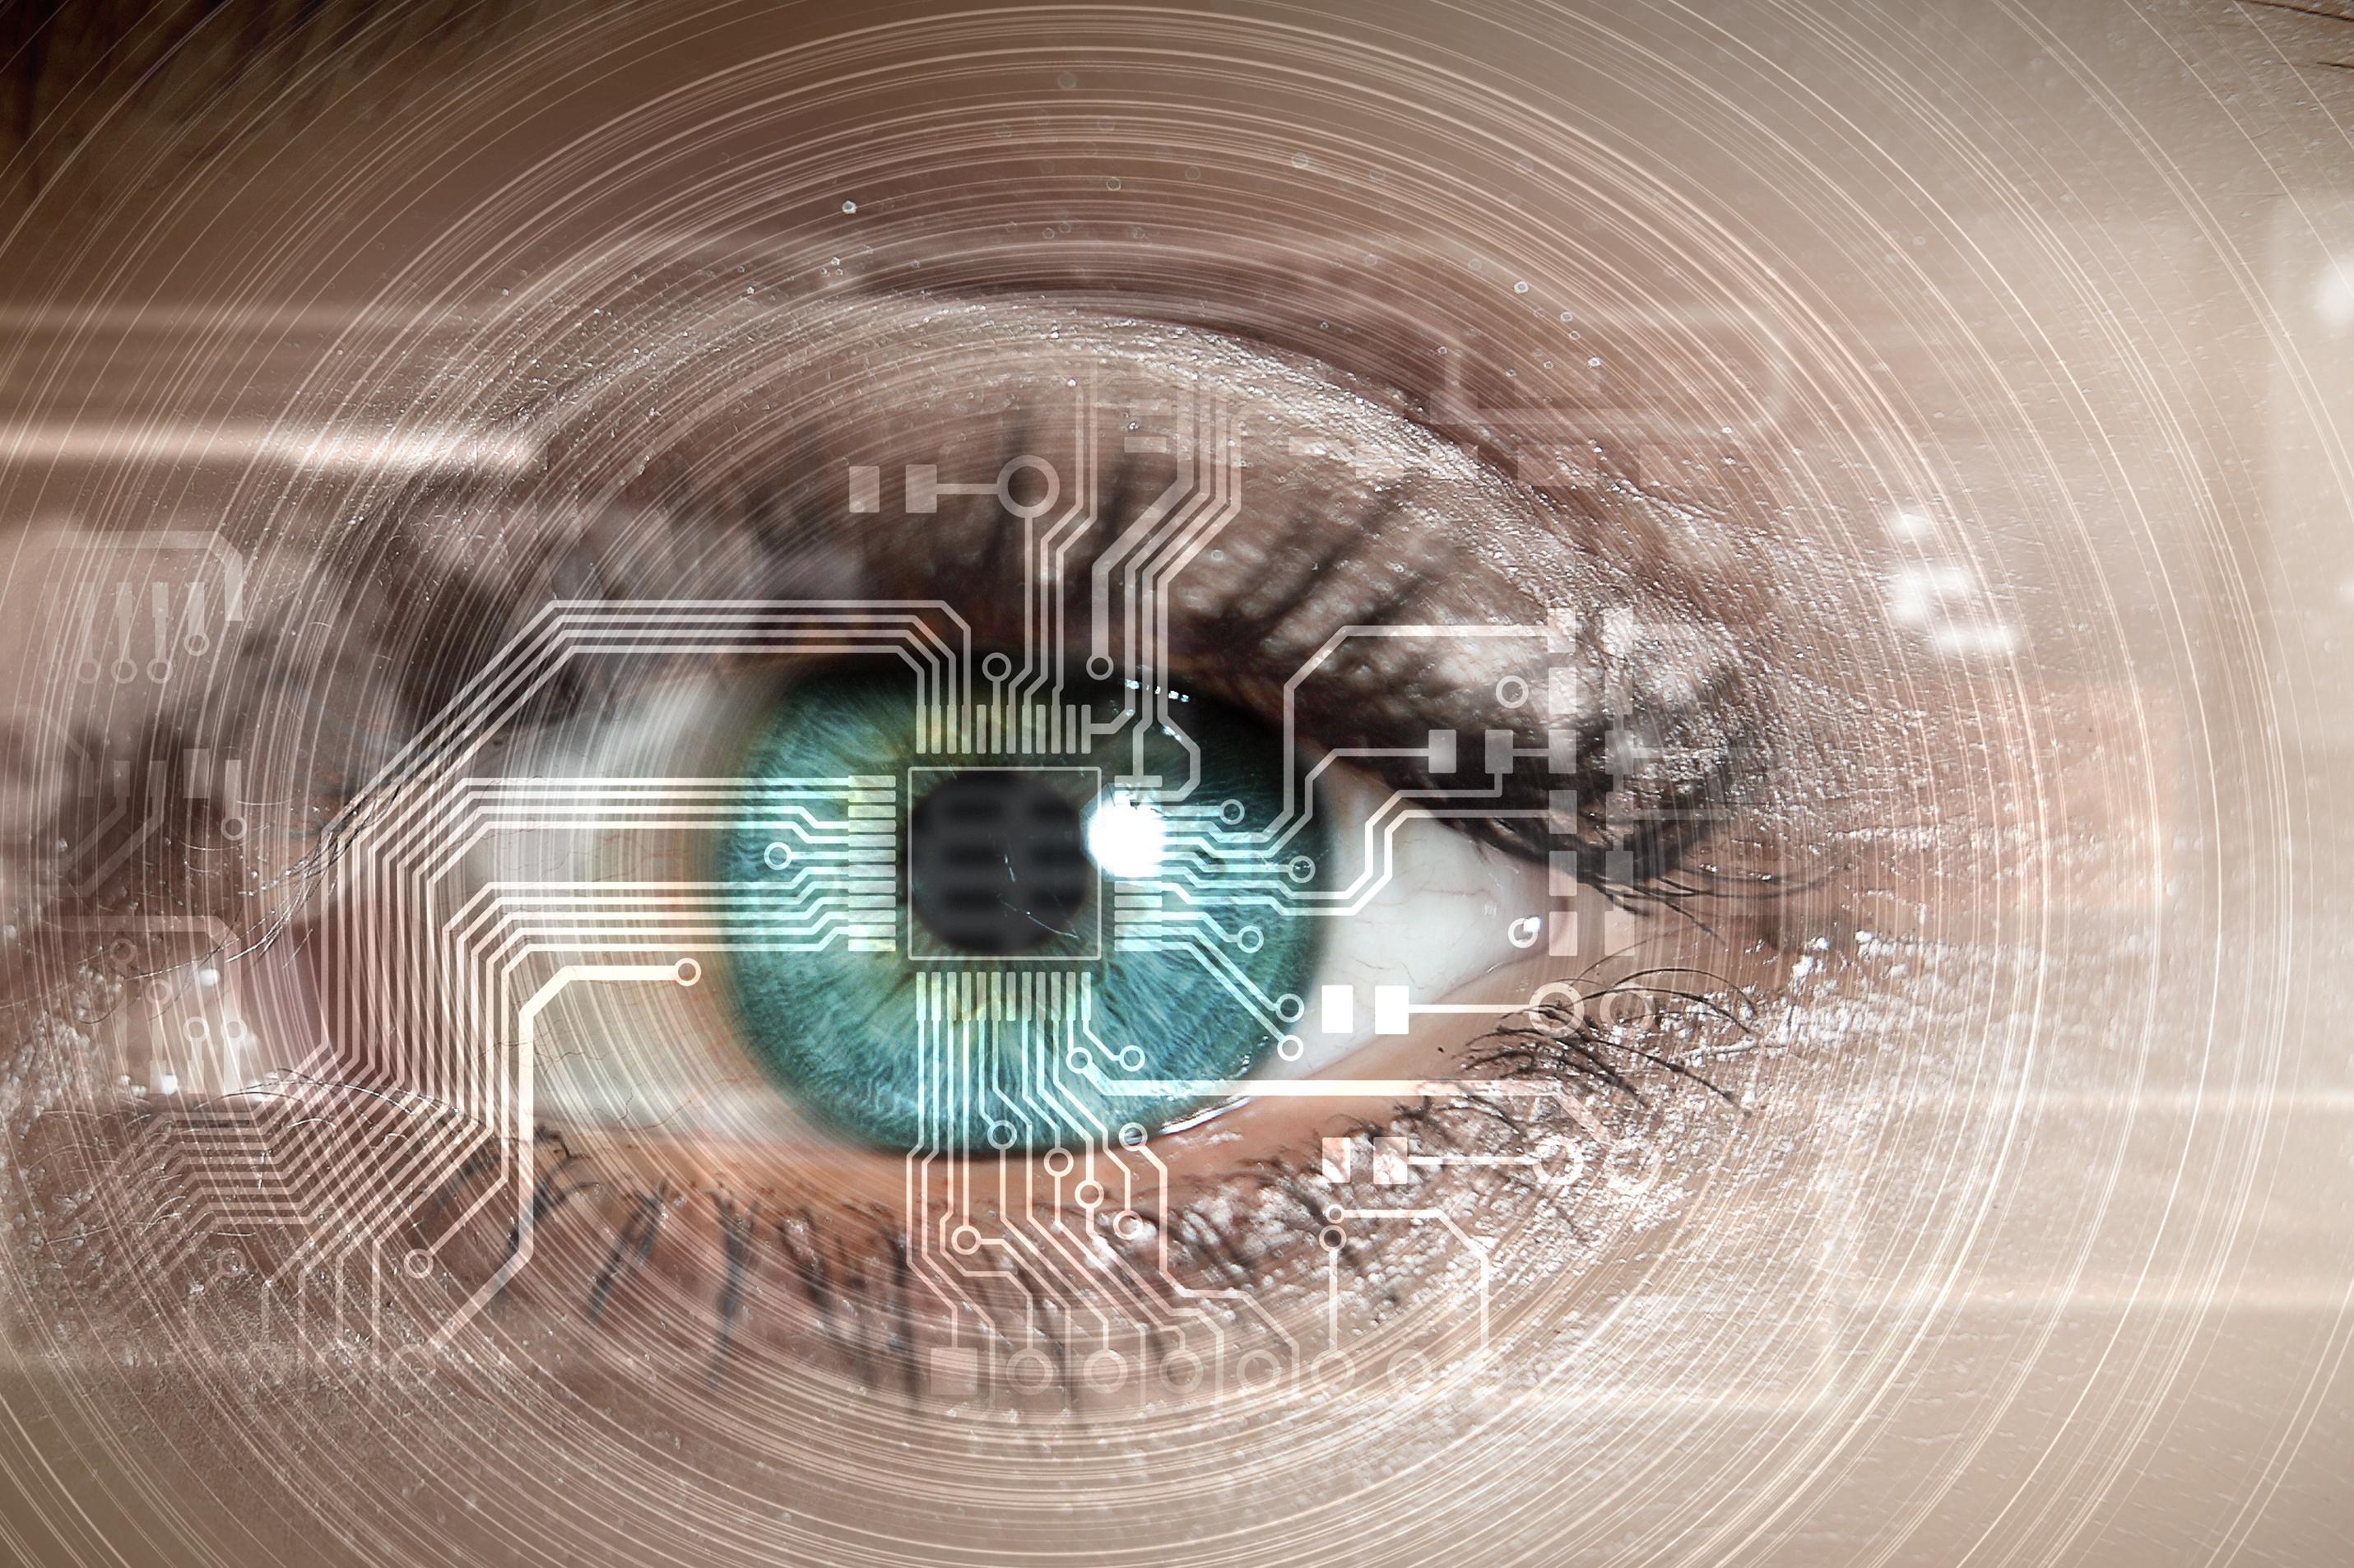 tecnologia-realtà aumentata